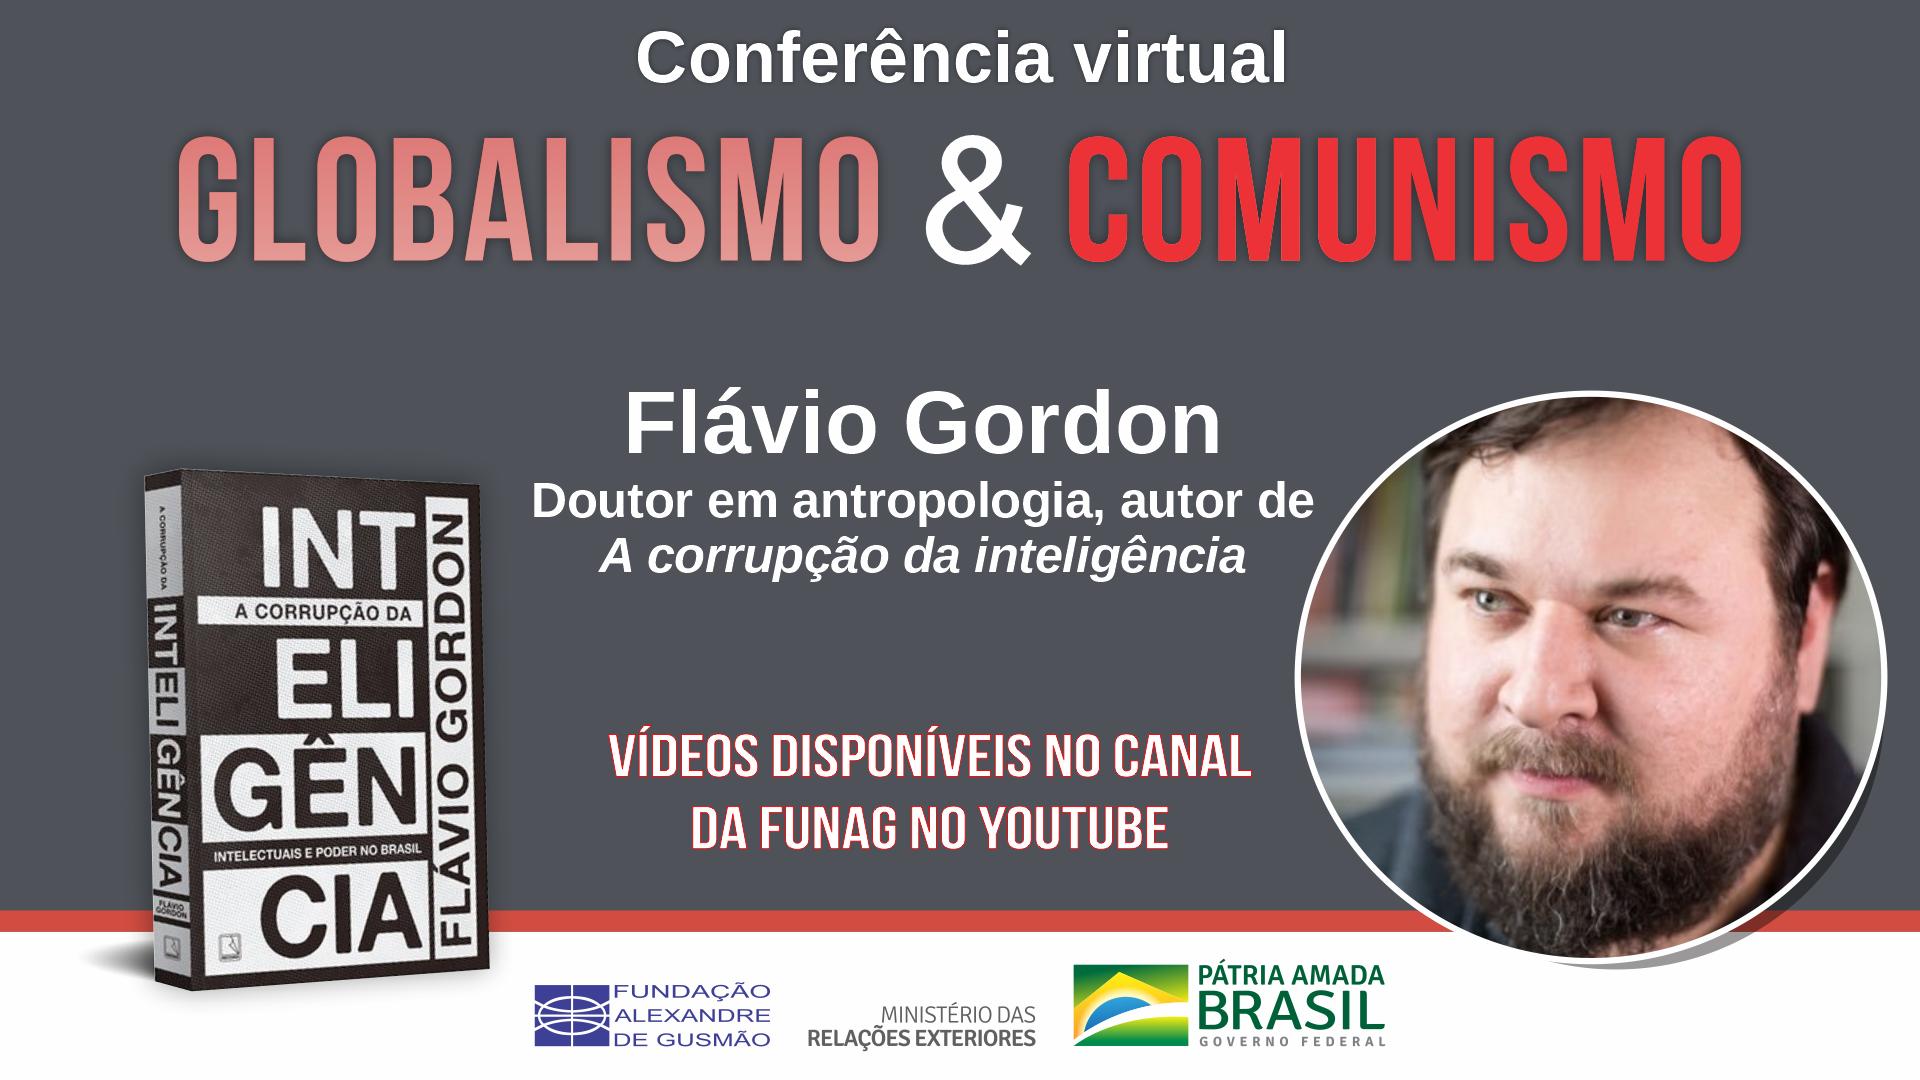 Assista aos vídeos da conferência sobre globalismo e comunismo